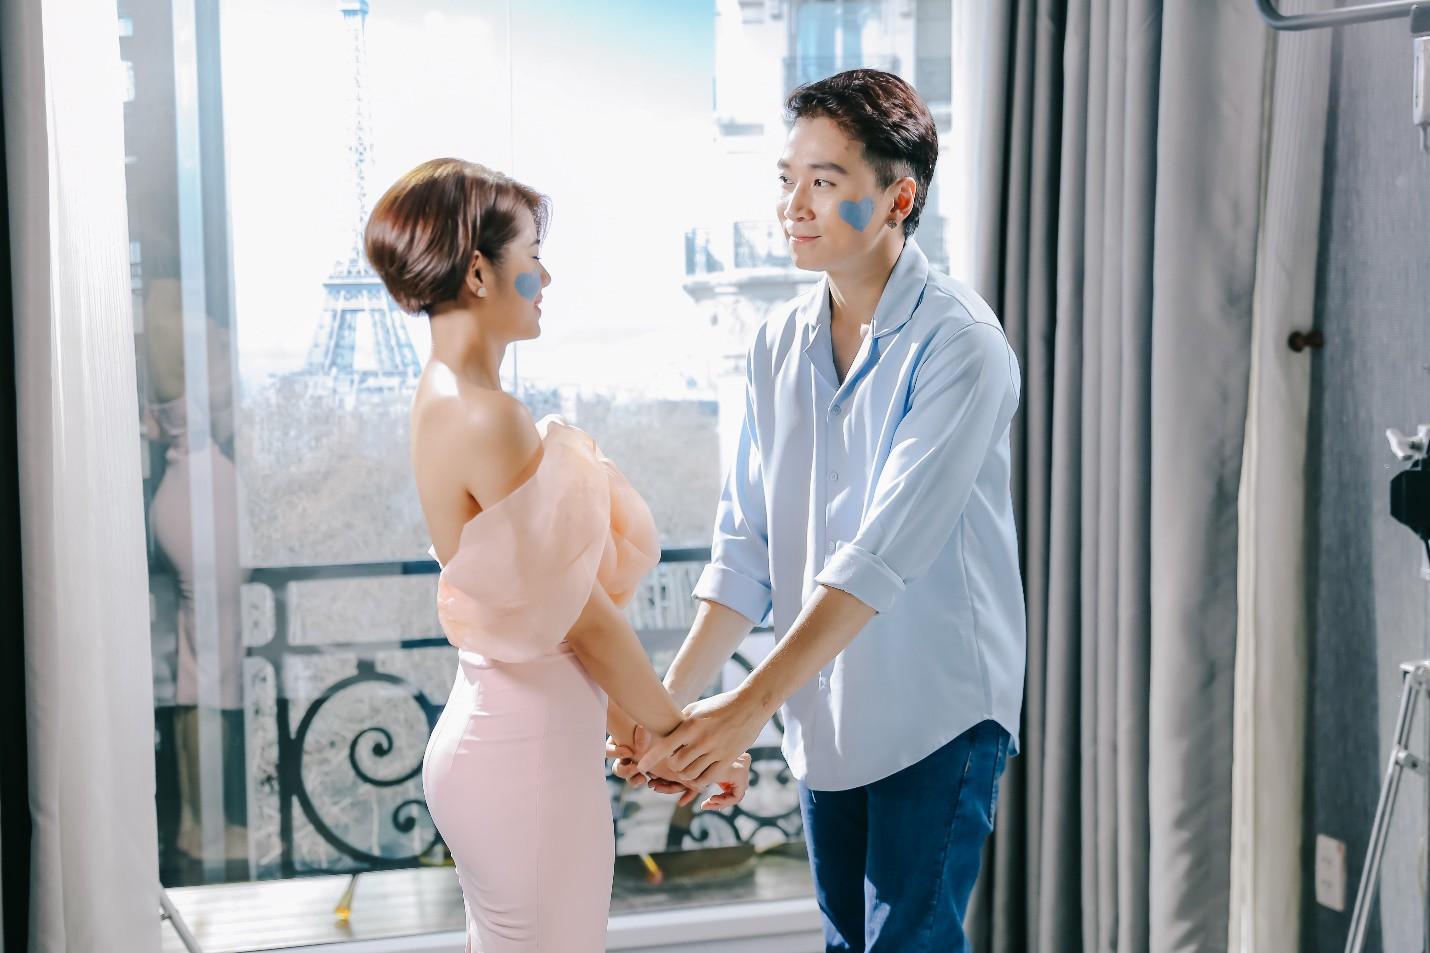 Lộ hình ảnh tình tứ, chẳng lẽ Karik và Đàm Phương Linh đã quay lại với nhau? - Ảnh 4.